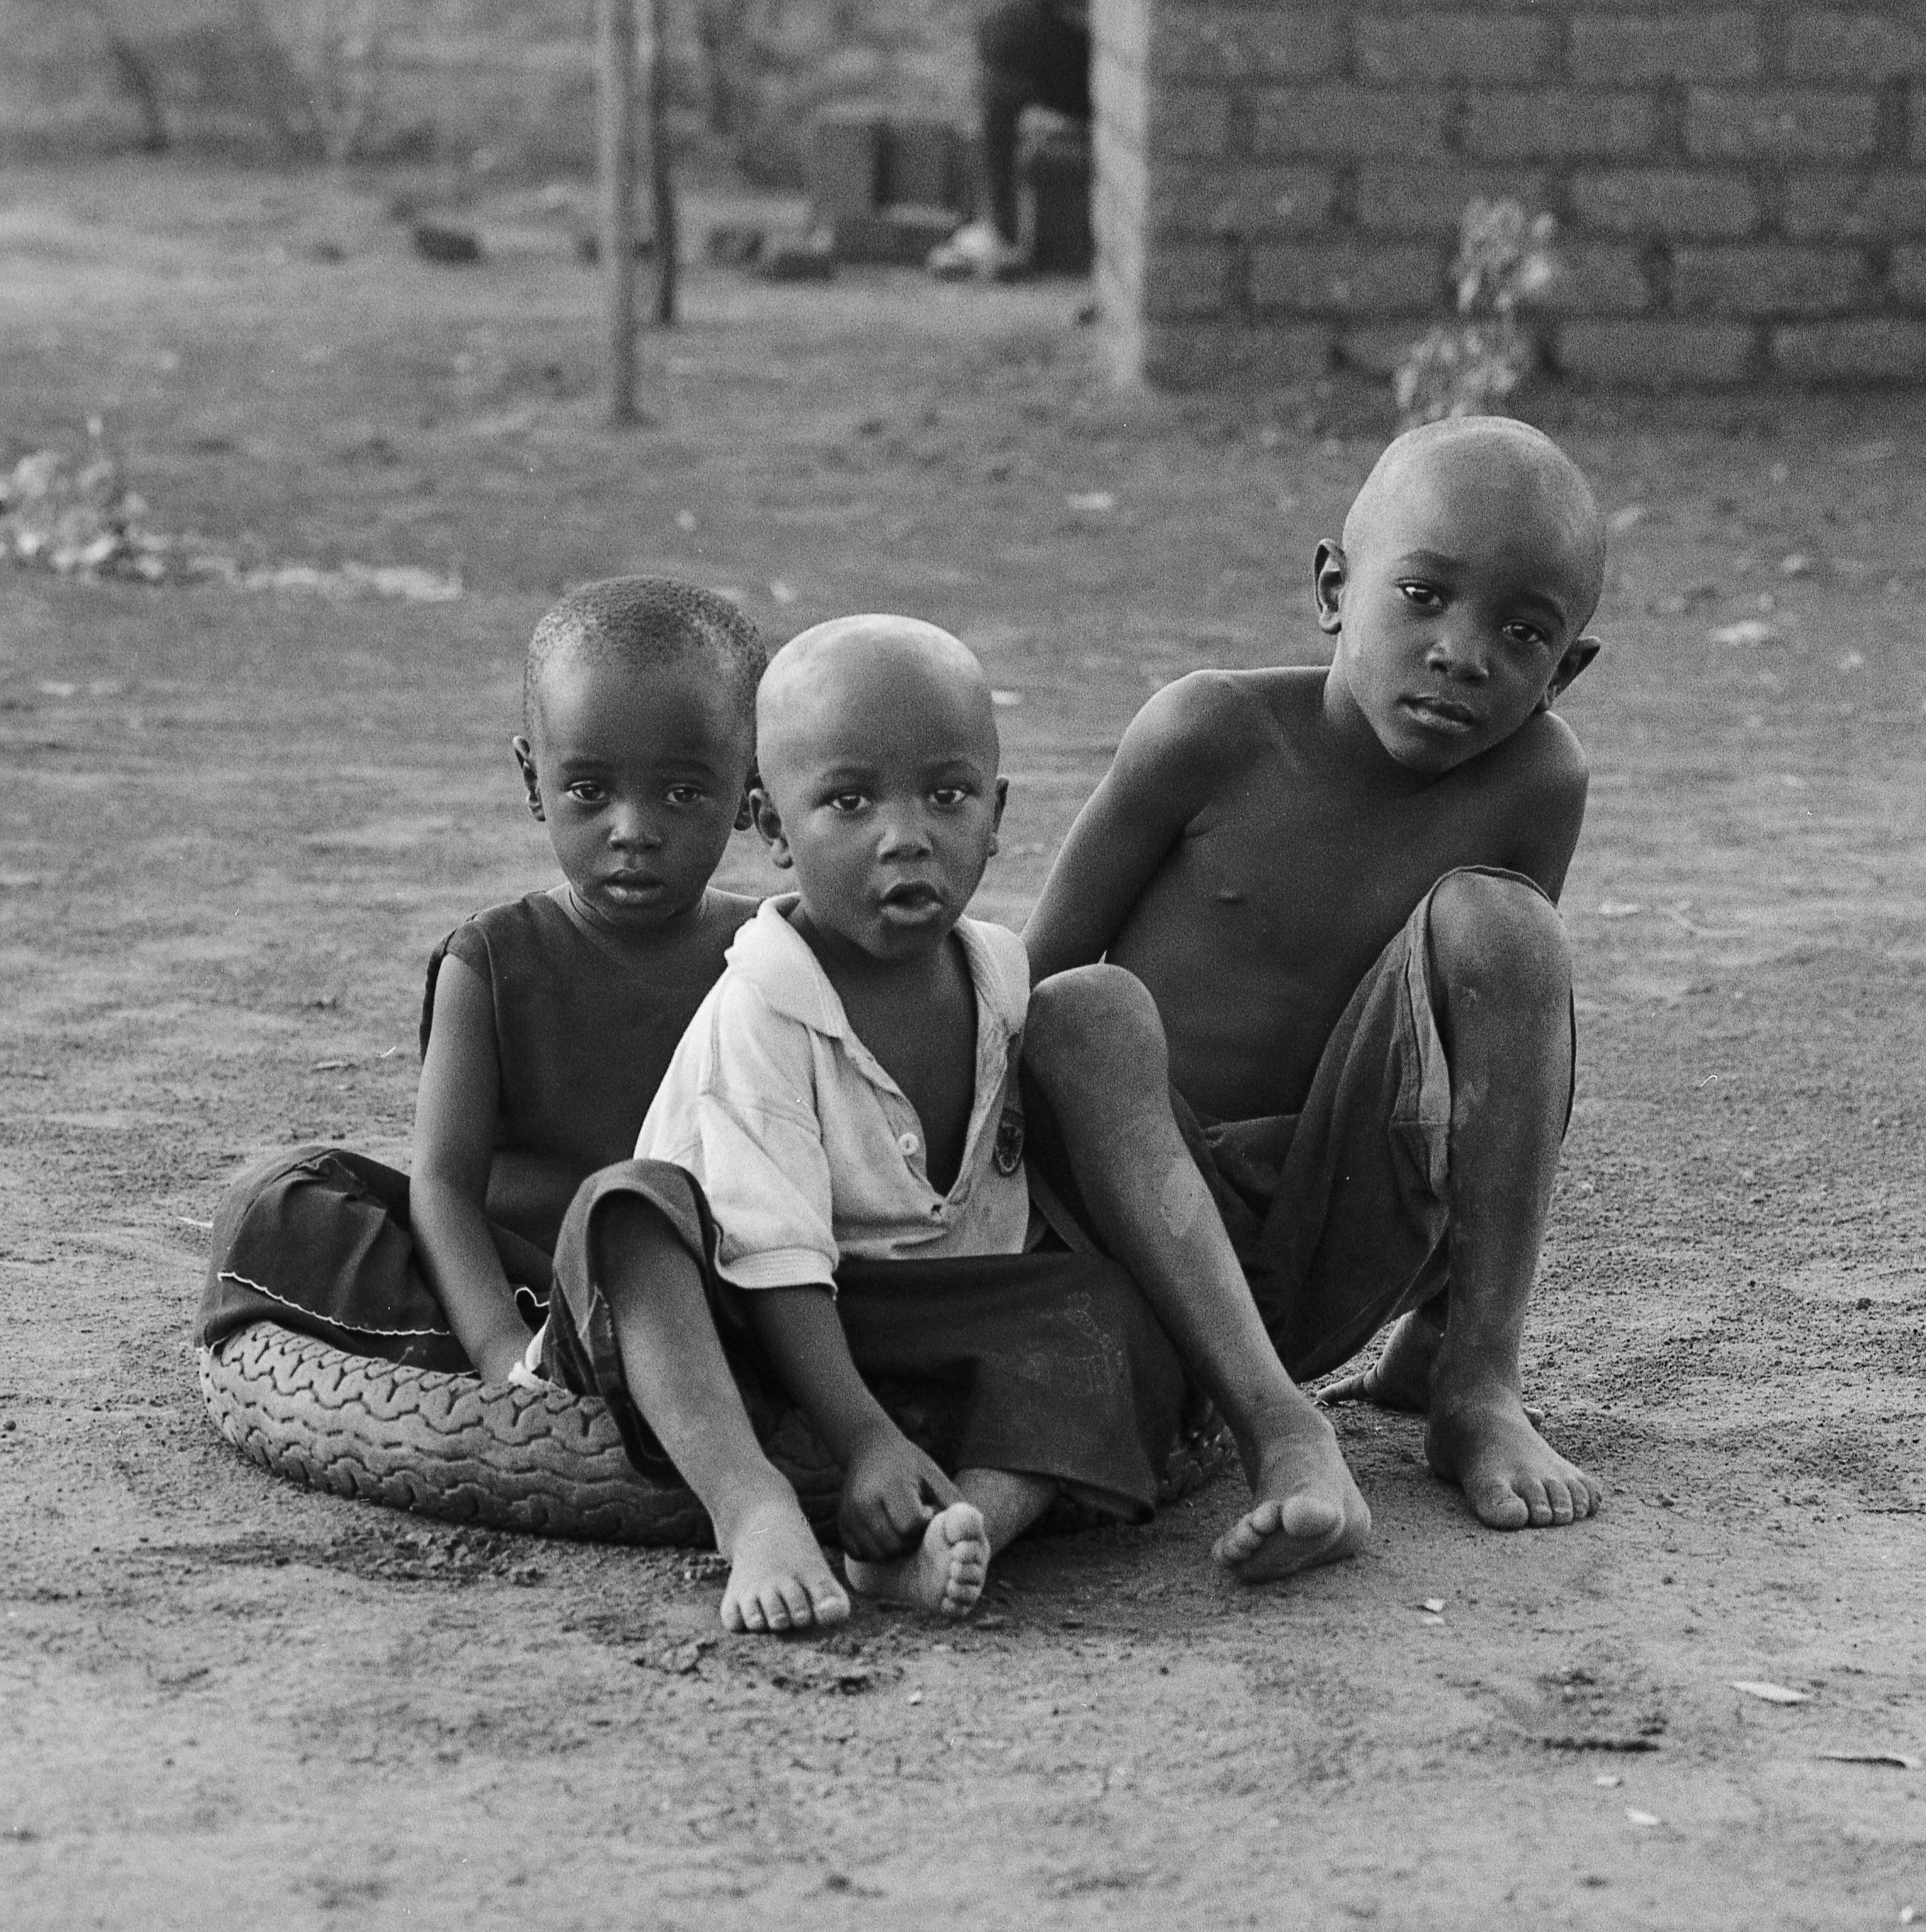 Burundian kids